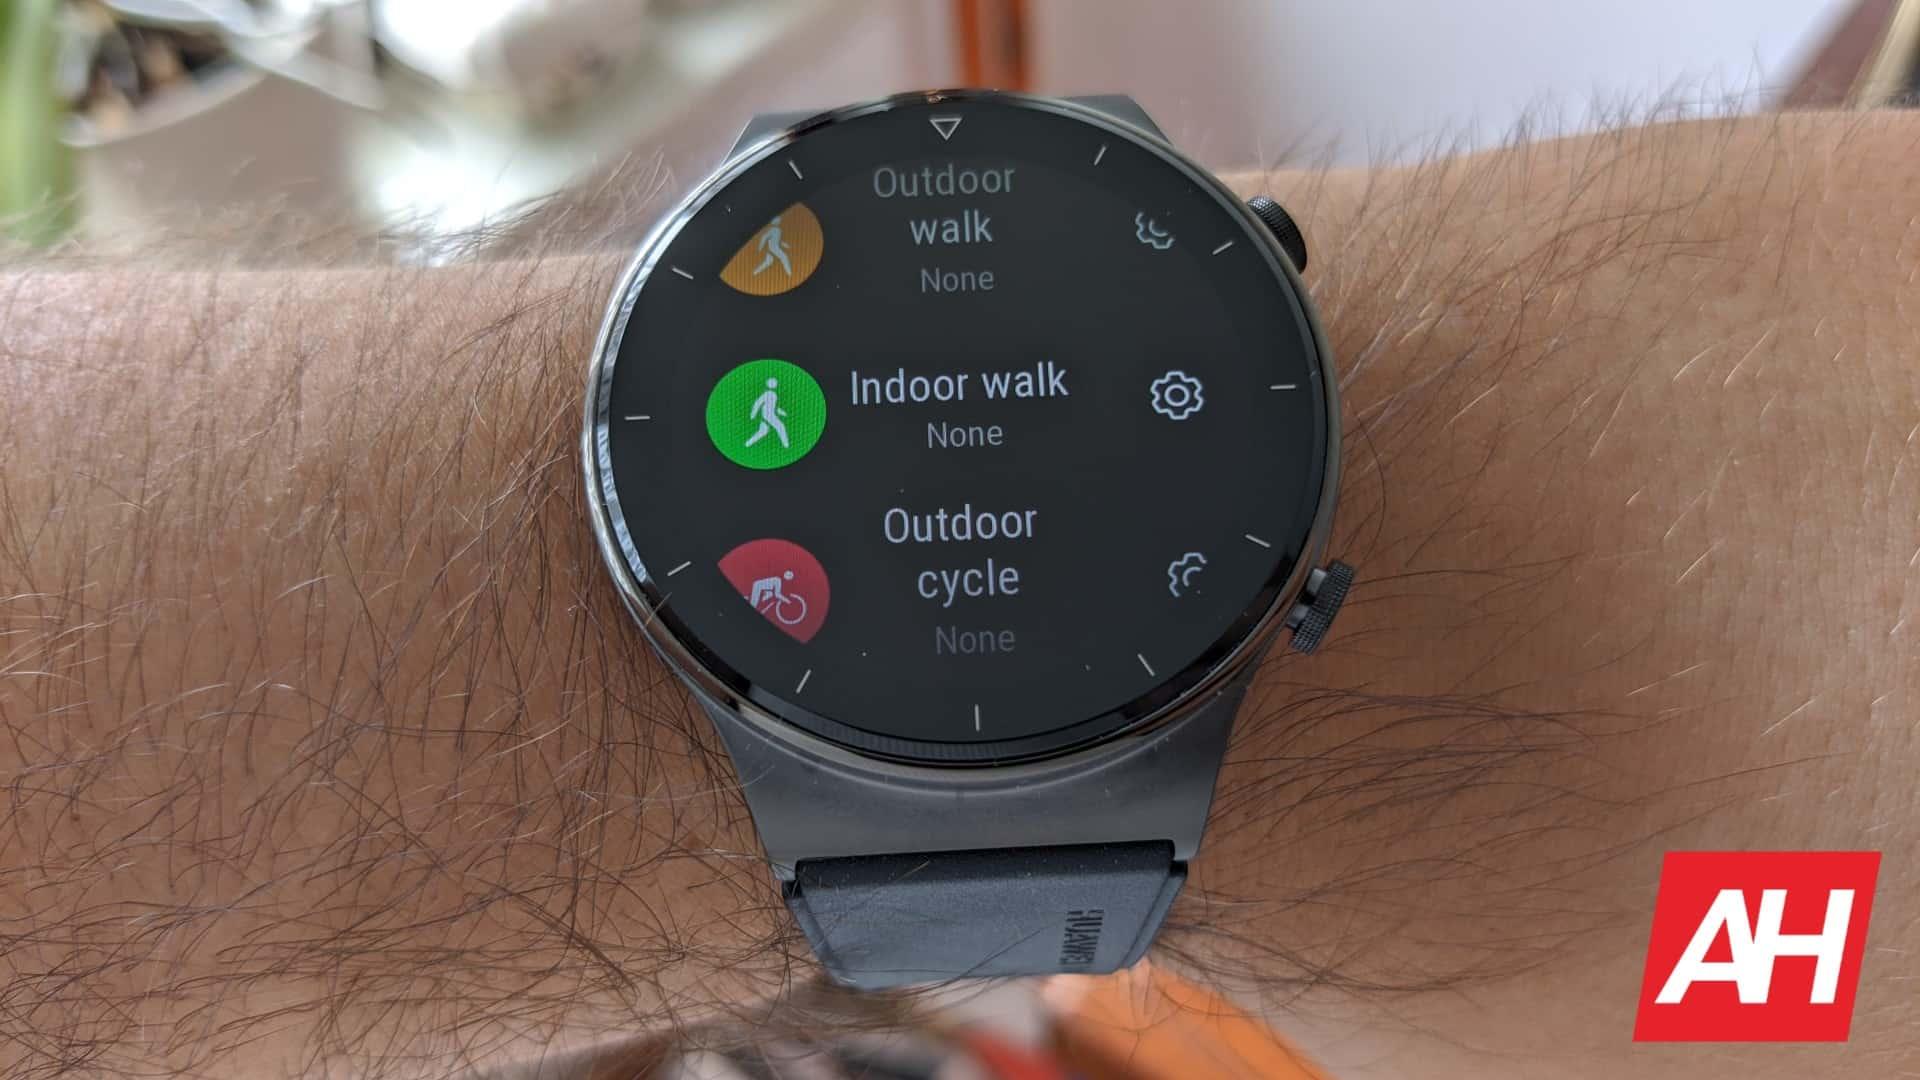 AH Huawei Watch GT 2 Pro image 214